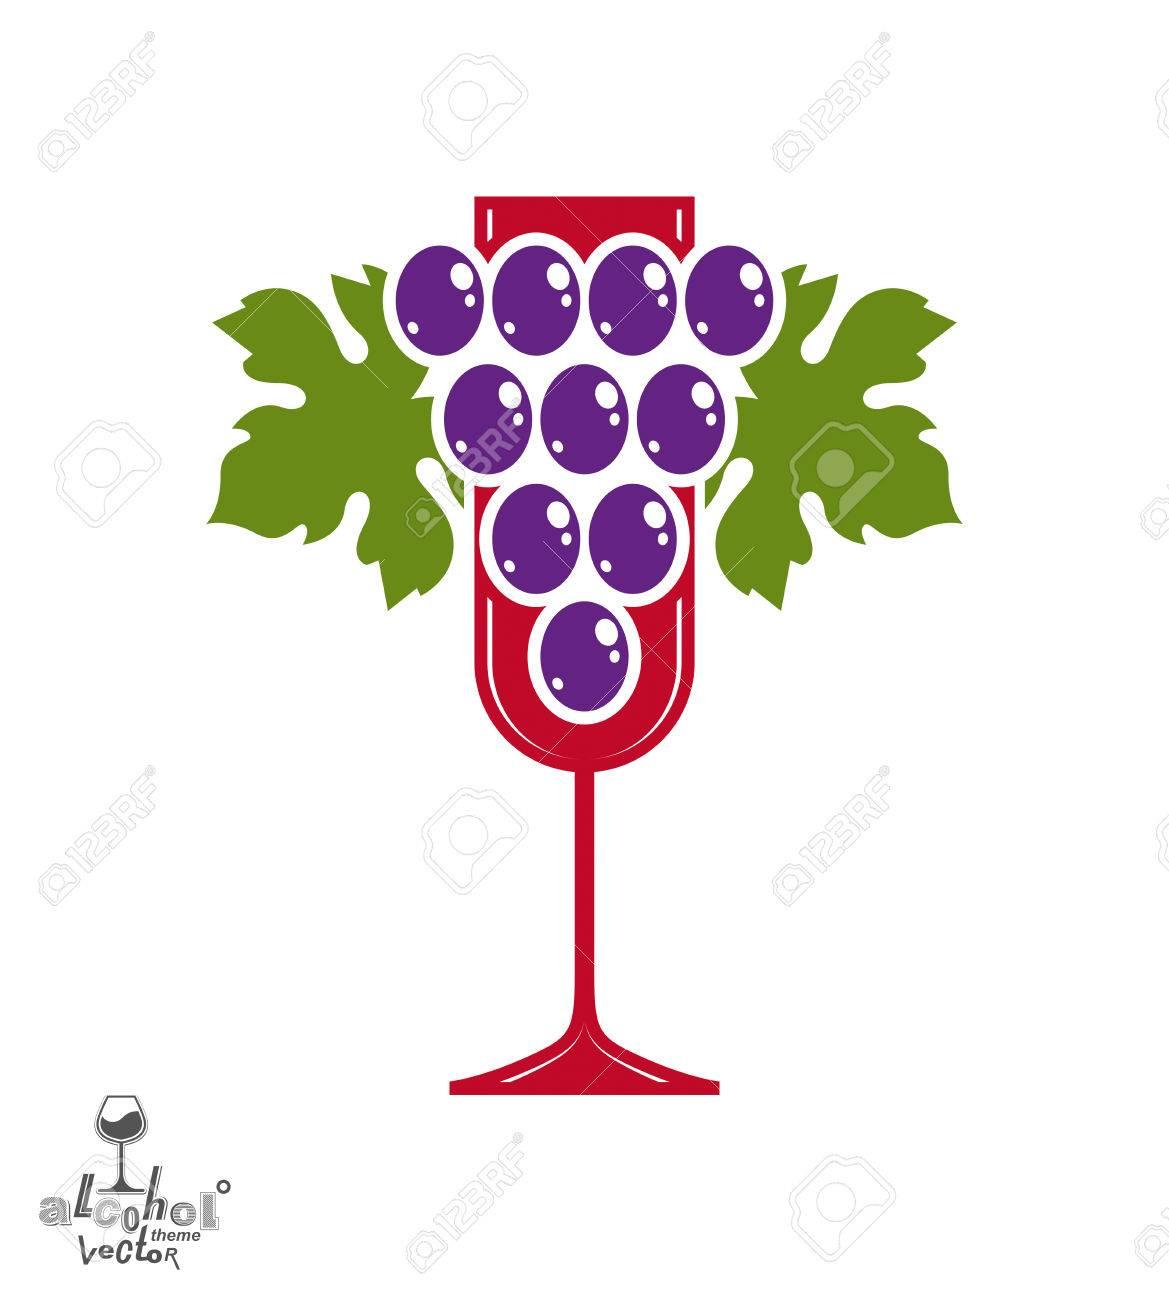 Award Winery thème vecteur illustration. Stylisé à moitié plein verre de vin avec grappe de raisins et de ruban décoratif, symbole meilleur racemation